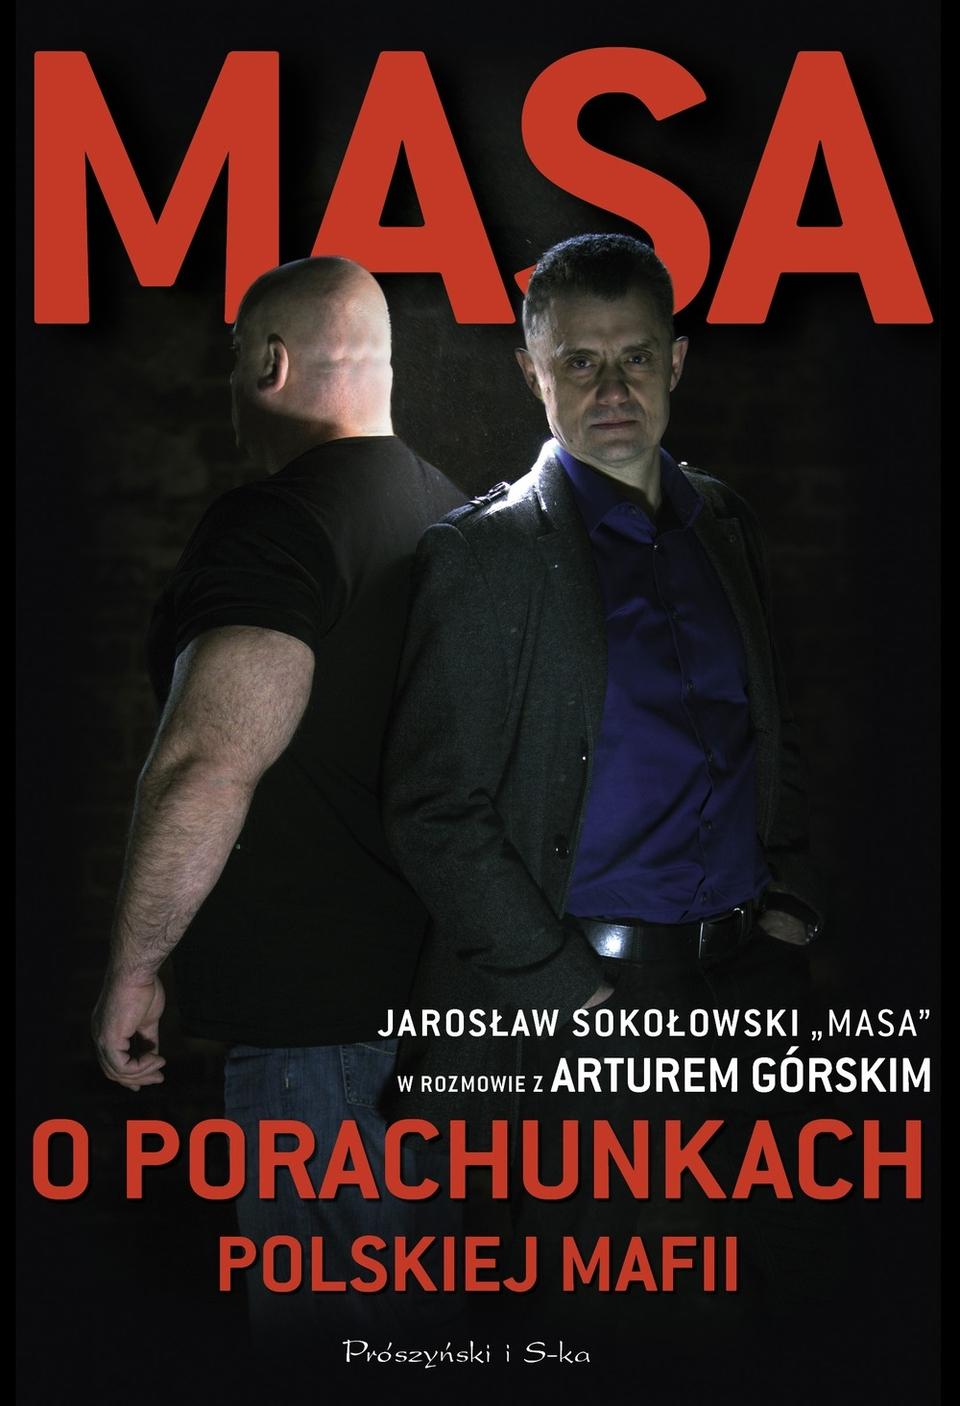 Gorski_Masa_o_porachunkach_polskiej_mafii